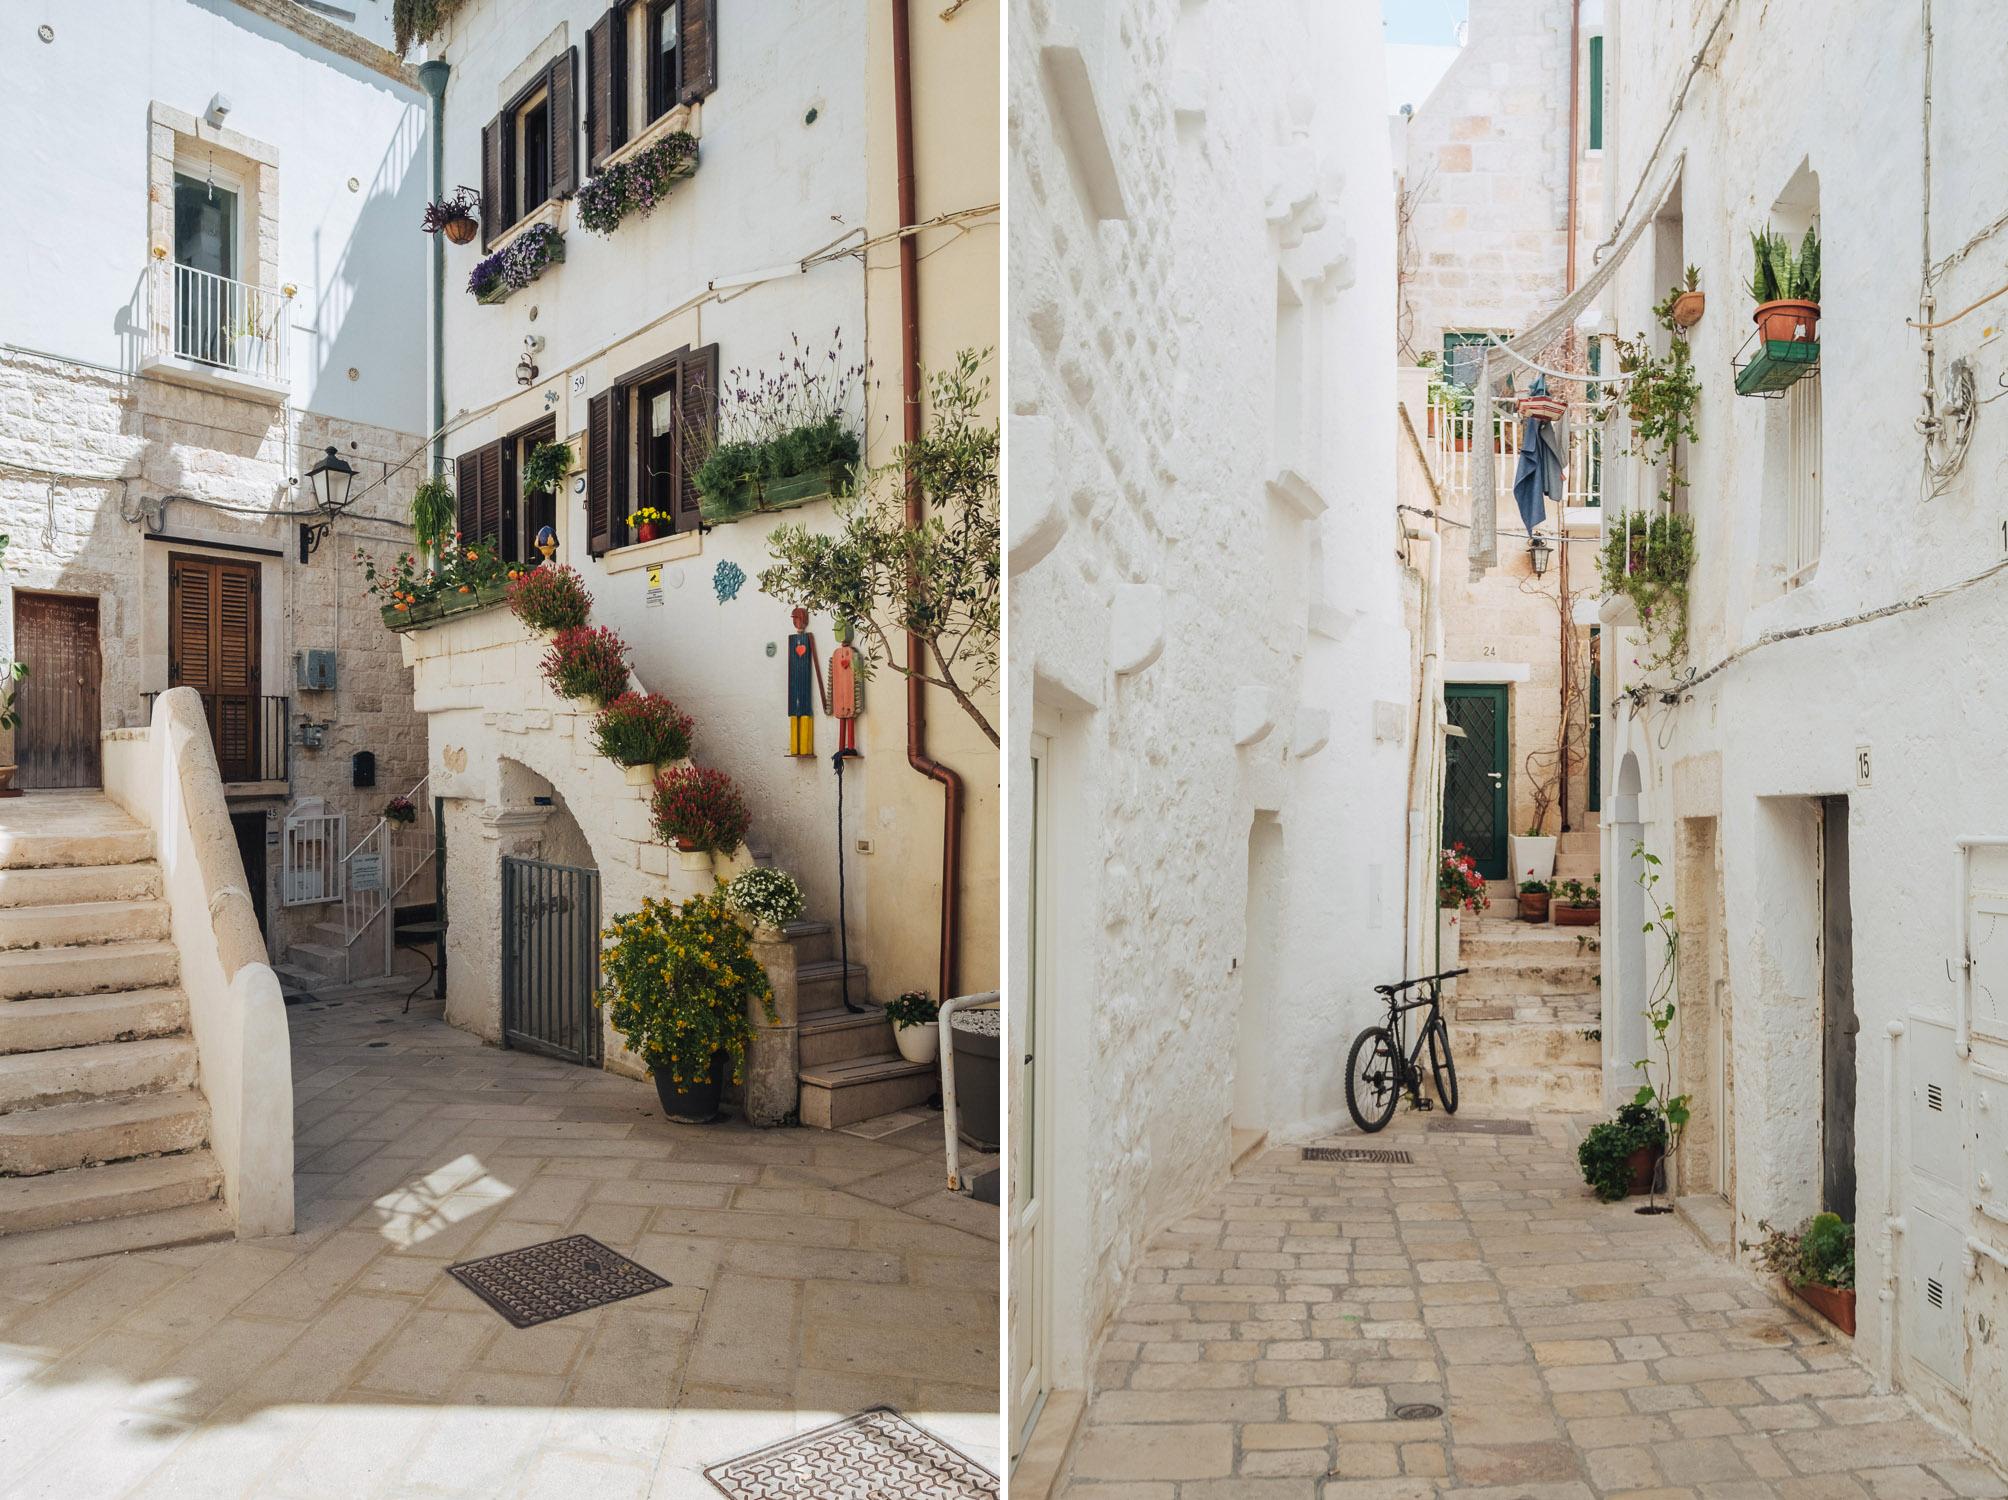 Cozy alleys in the picturesque old town of Polignano a Mare, Puglia   A 7-day Road Trip Through Puglia and Matera   Mondomulia